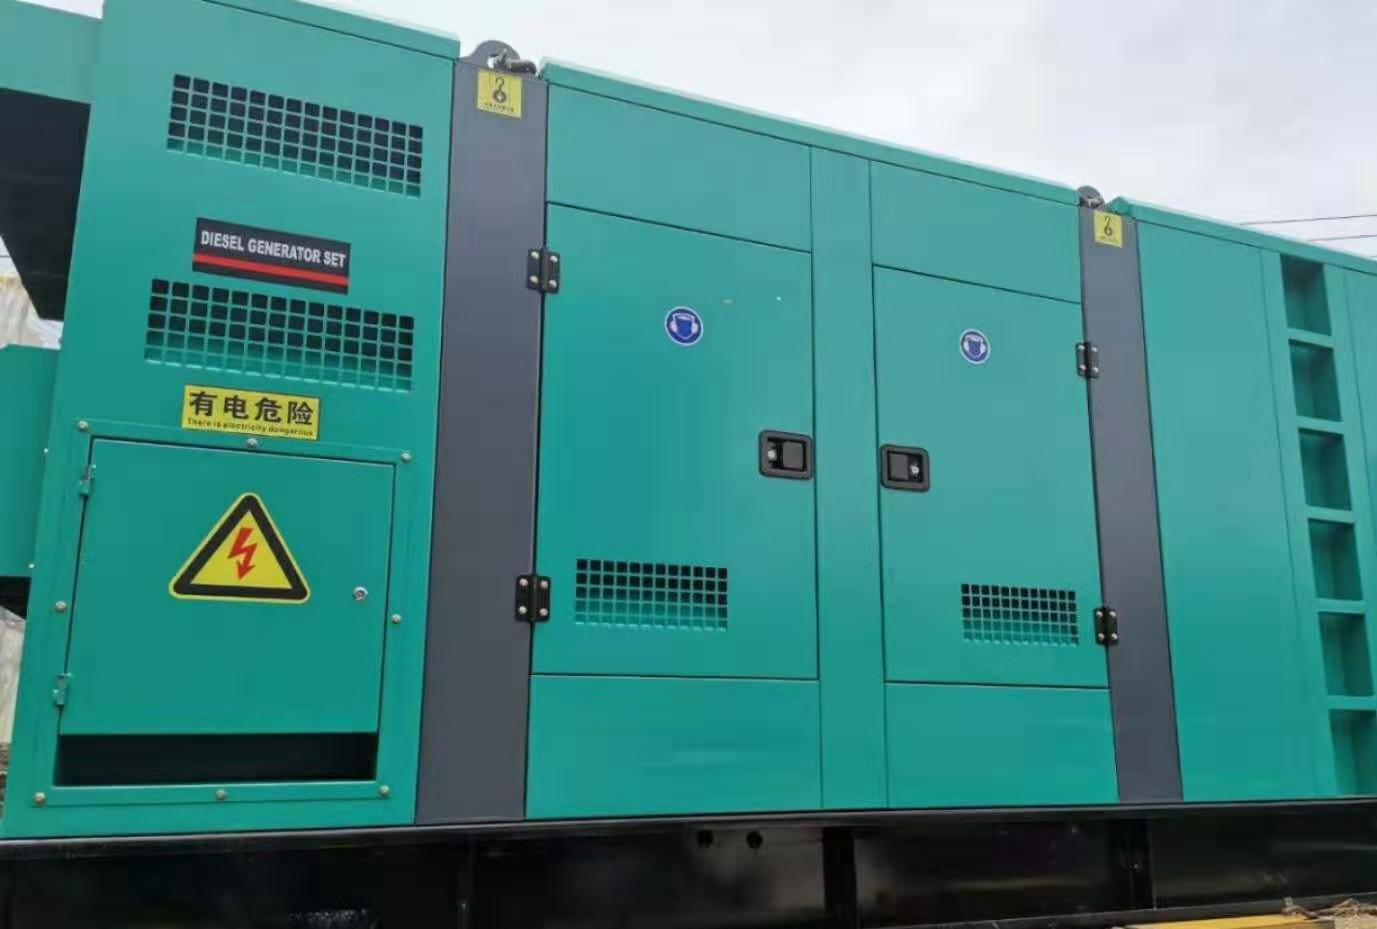 海南发电机-销量好的发电机品牌